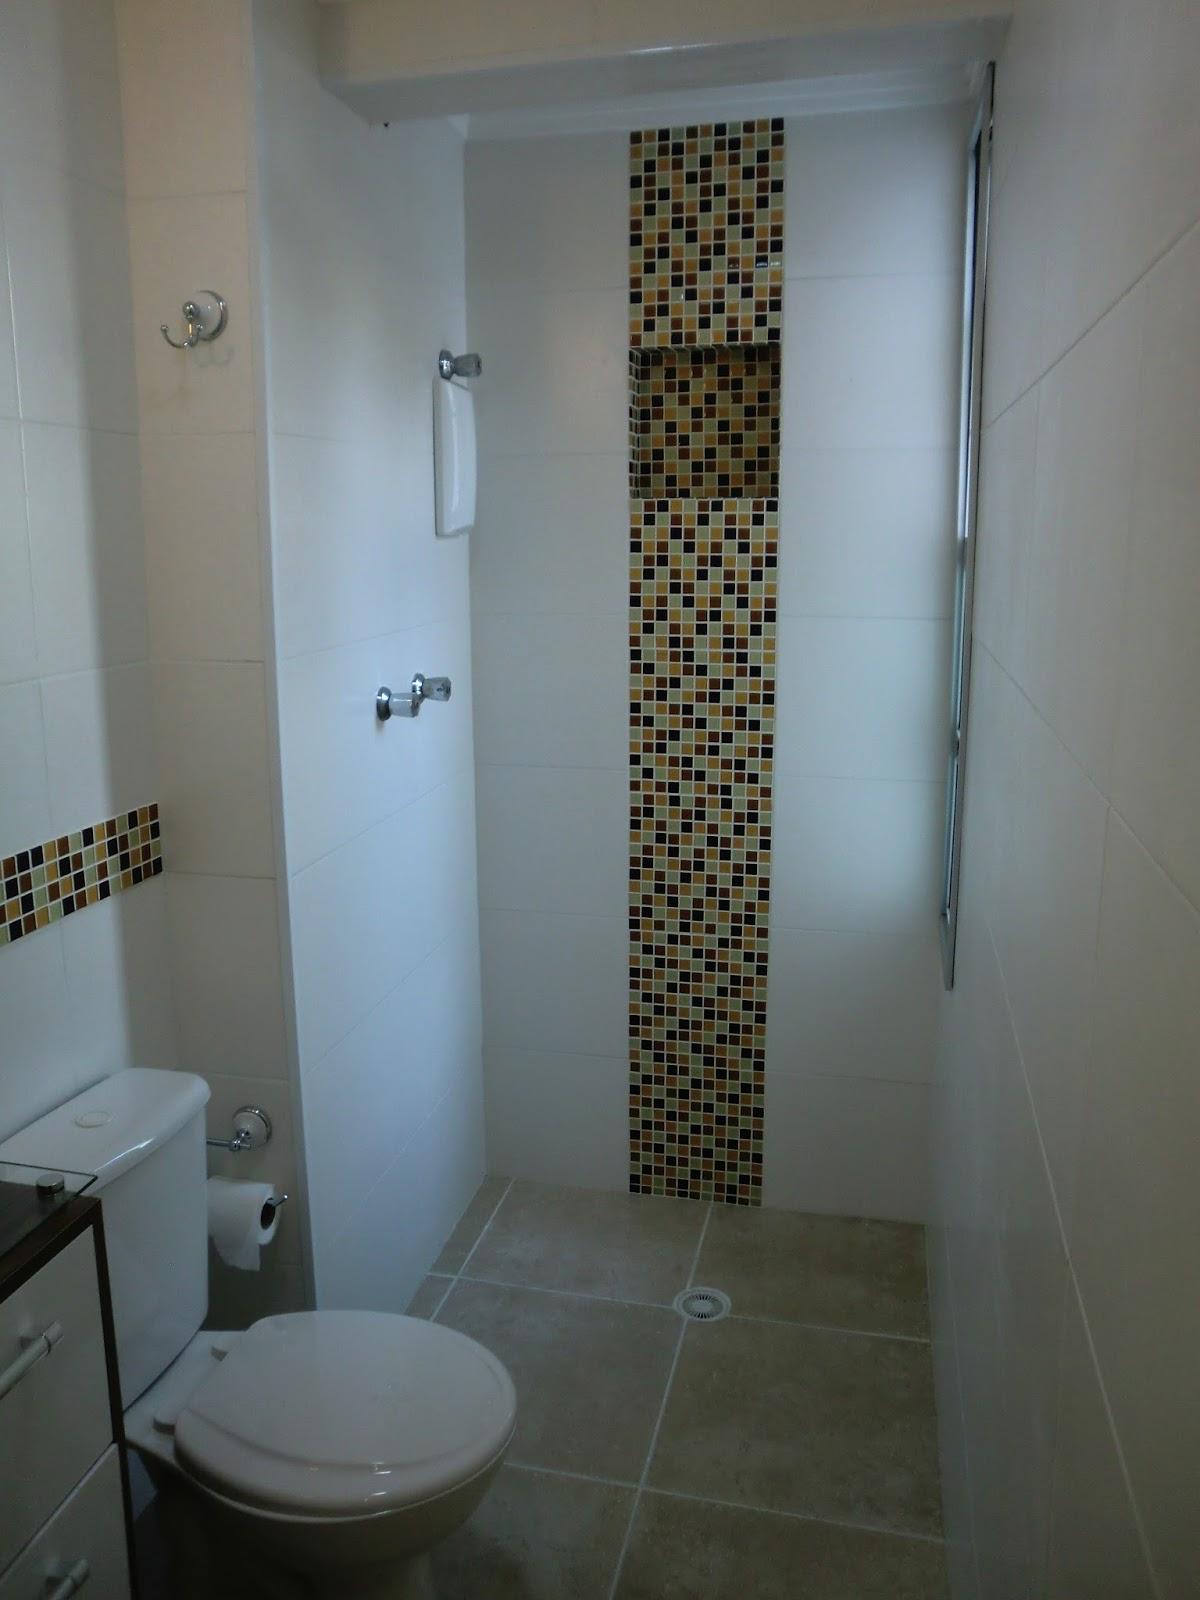 Reforma do Apartamento  Banheiro  Antes e Depois  Com Custos  Reforma Eco # Reforma Banheiro Pequeno Antes E Depois